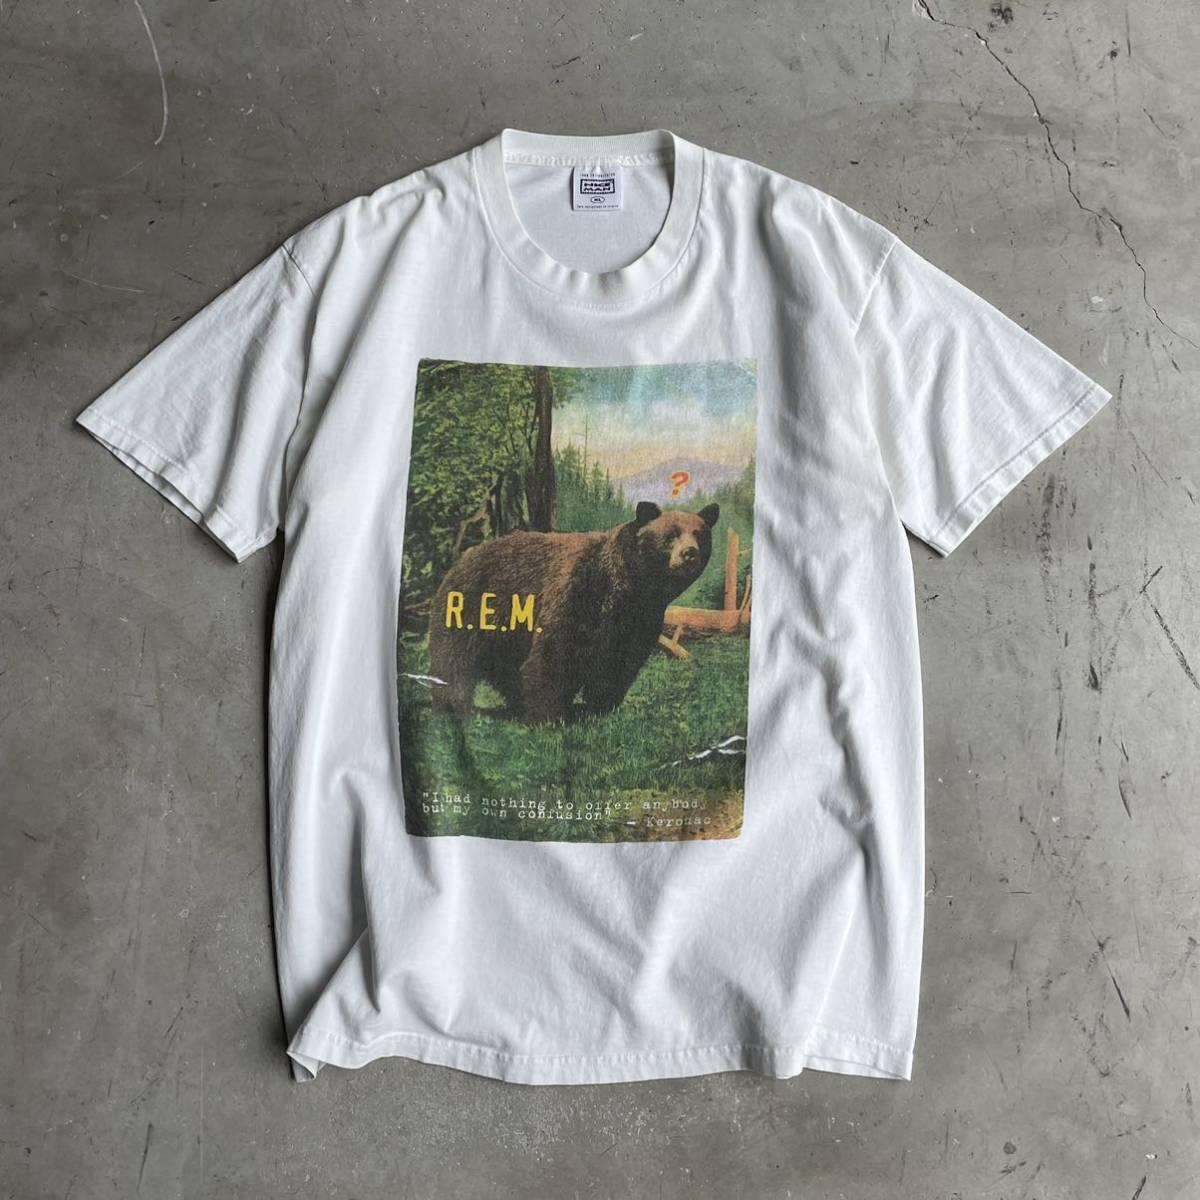 GOODプリント!1990s~R.E.M MONSTER TOUR Tシャツ ビンテージ USA製 オリジナル バンド アルバム REM モヘア のインナーに 80s 90s ツアー